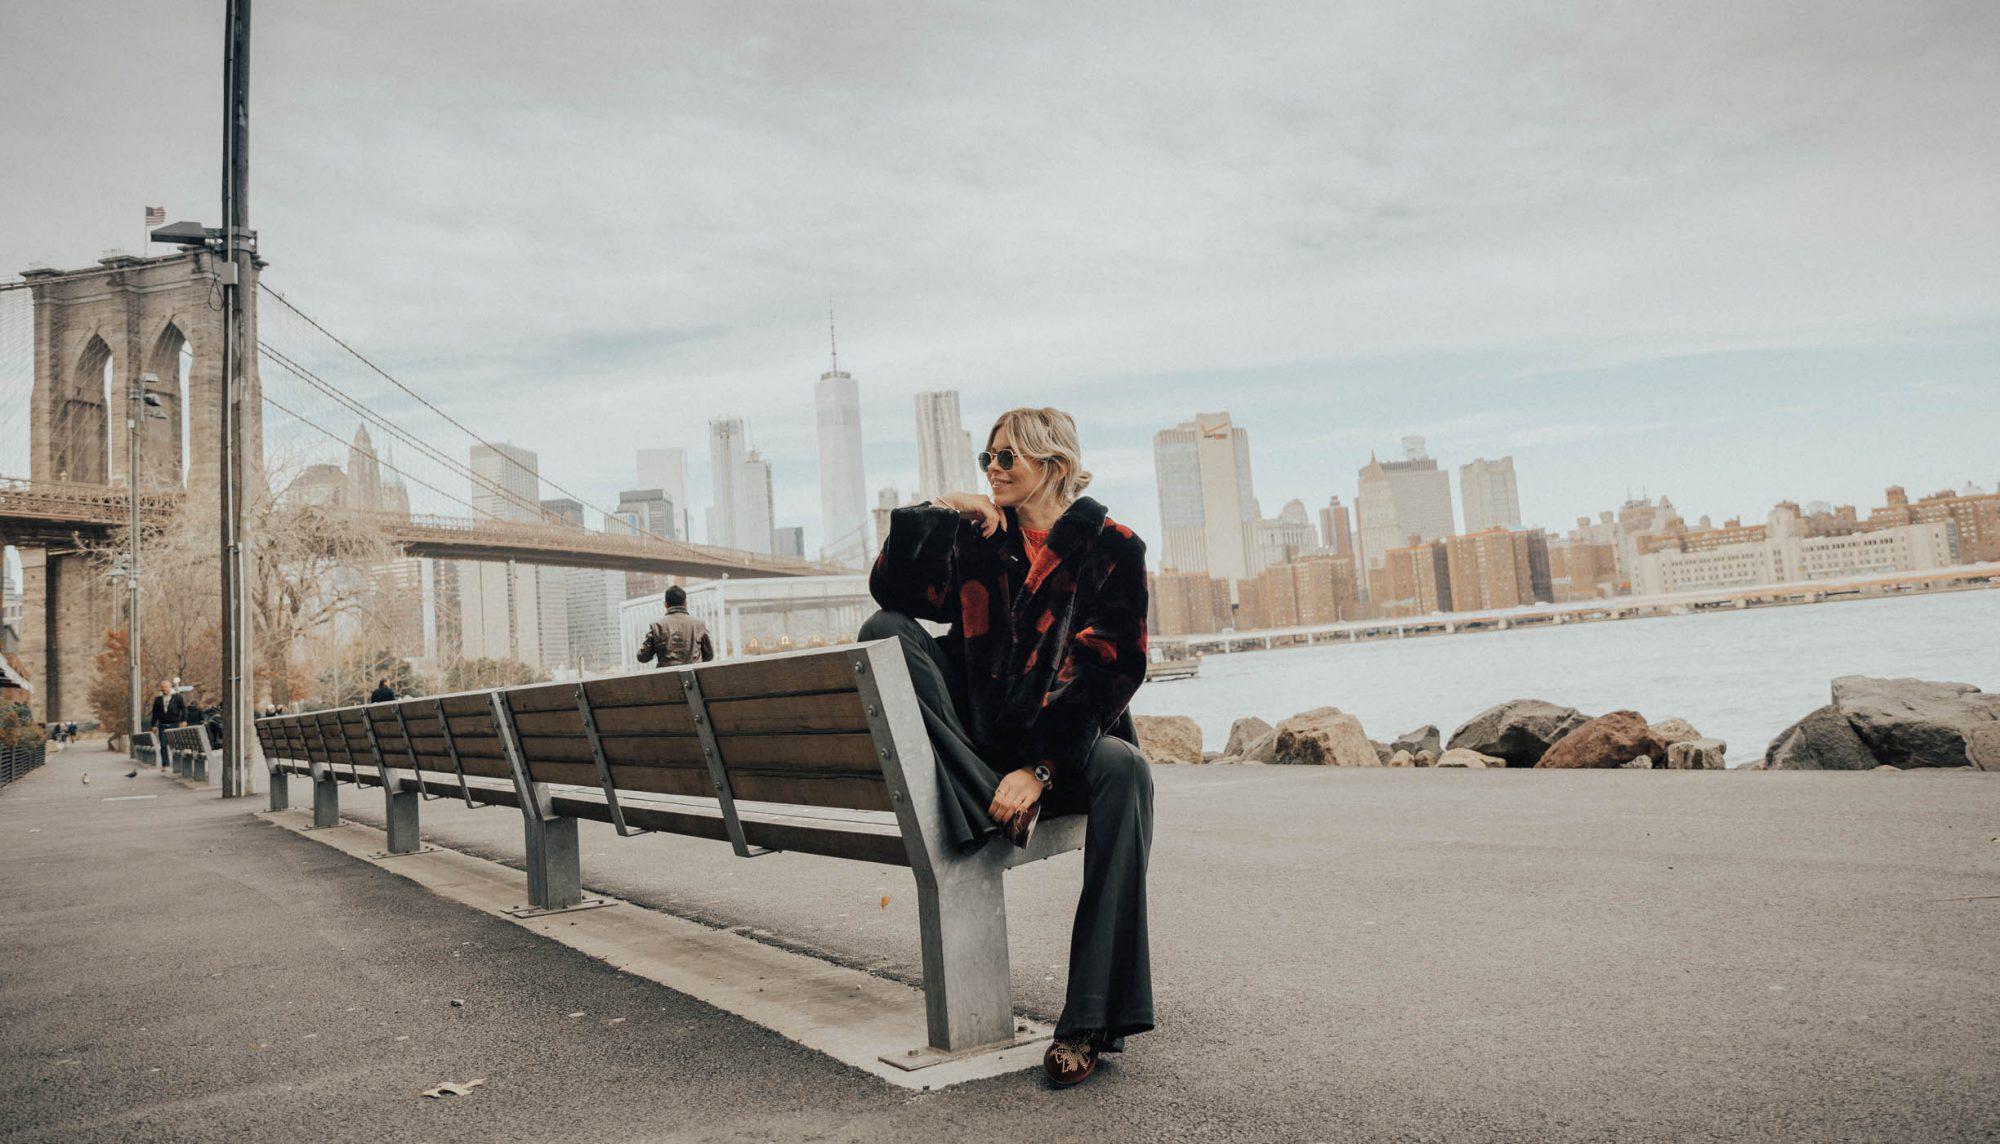 [PHOTO DIARY] NEW YORK CITY TAG 1